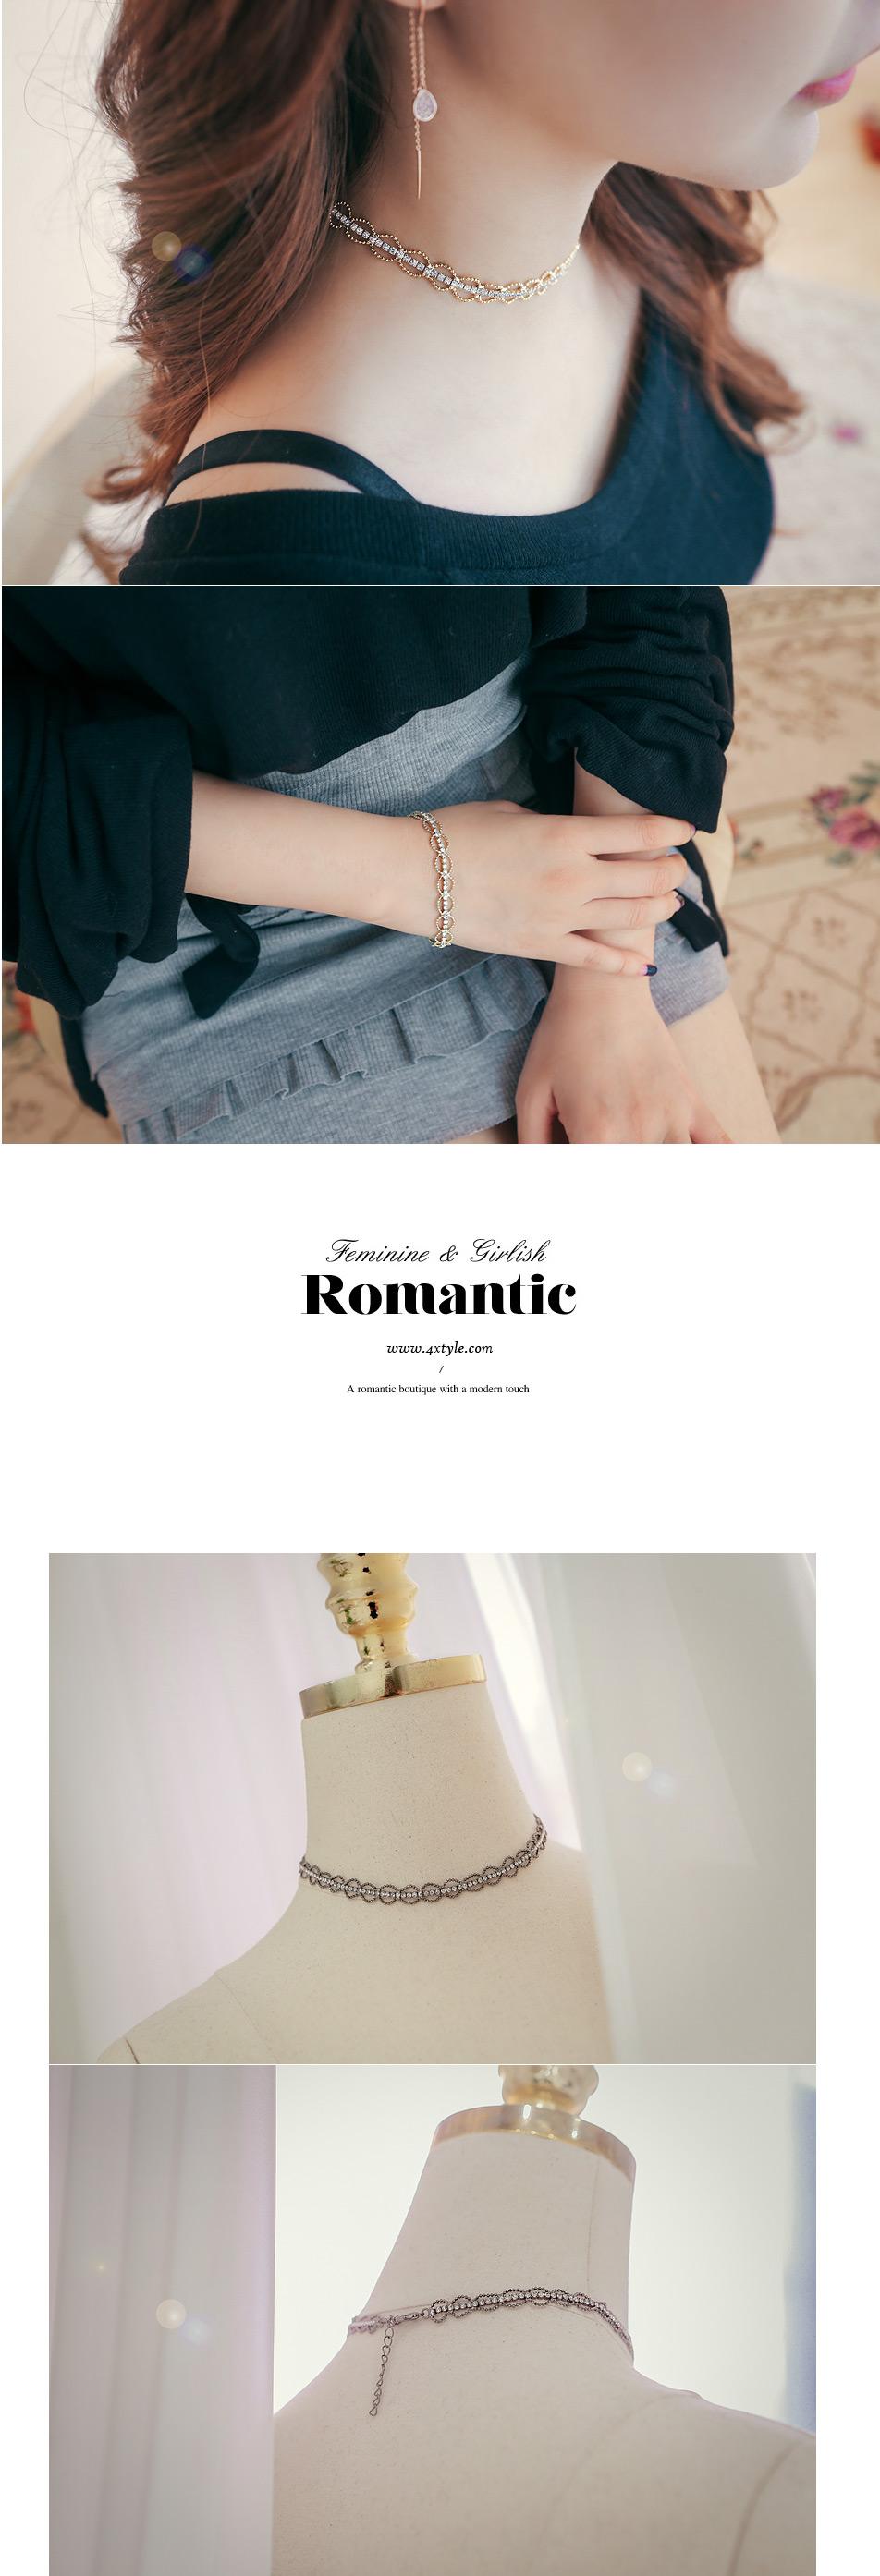 [ 4xtyle ] Metal Lace Choker Necklace, 3 Colors